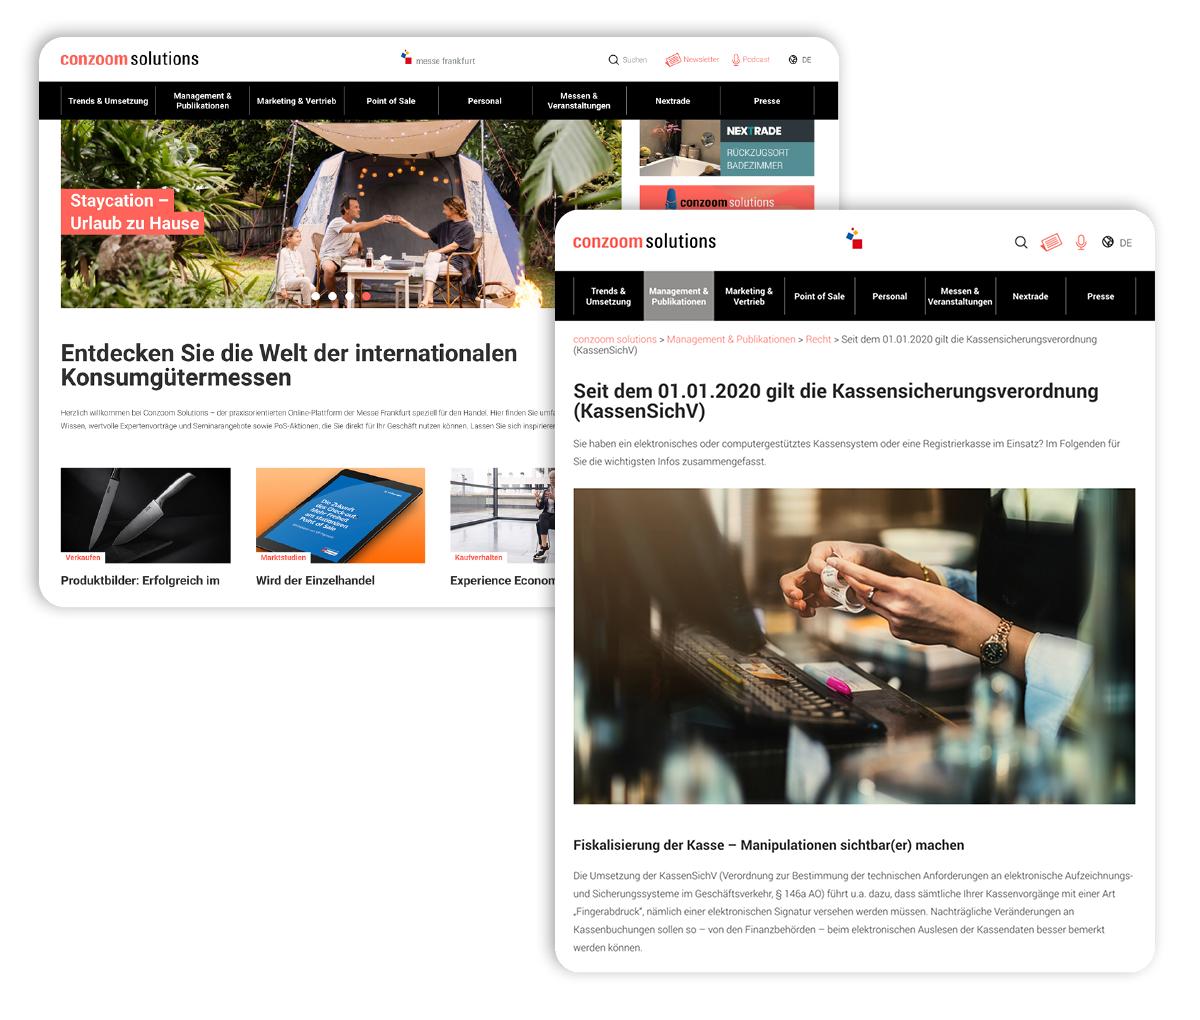 Screenshots von Content für die Website von Conzoom Solutions